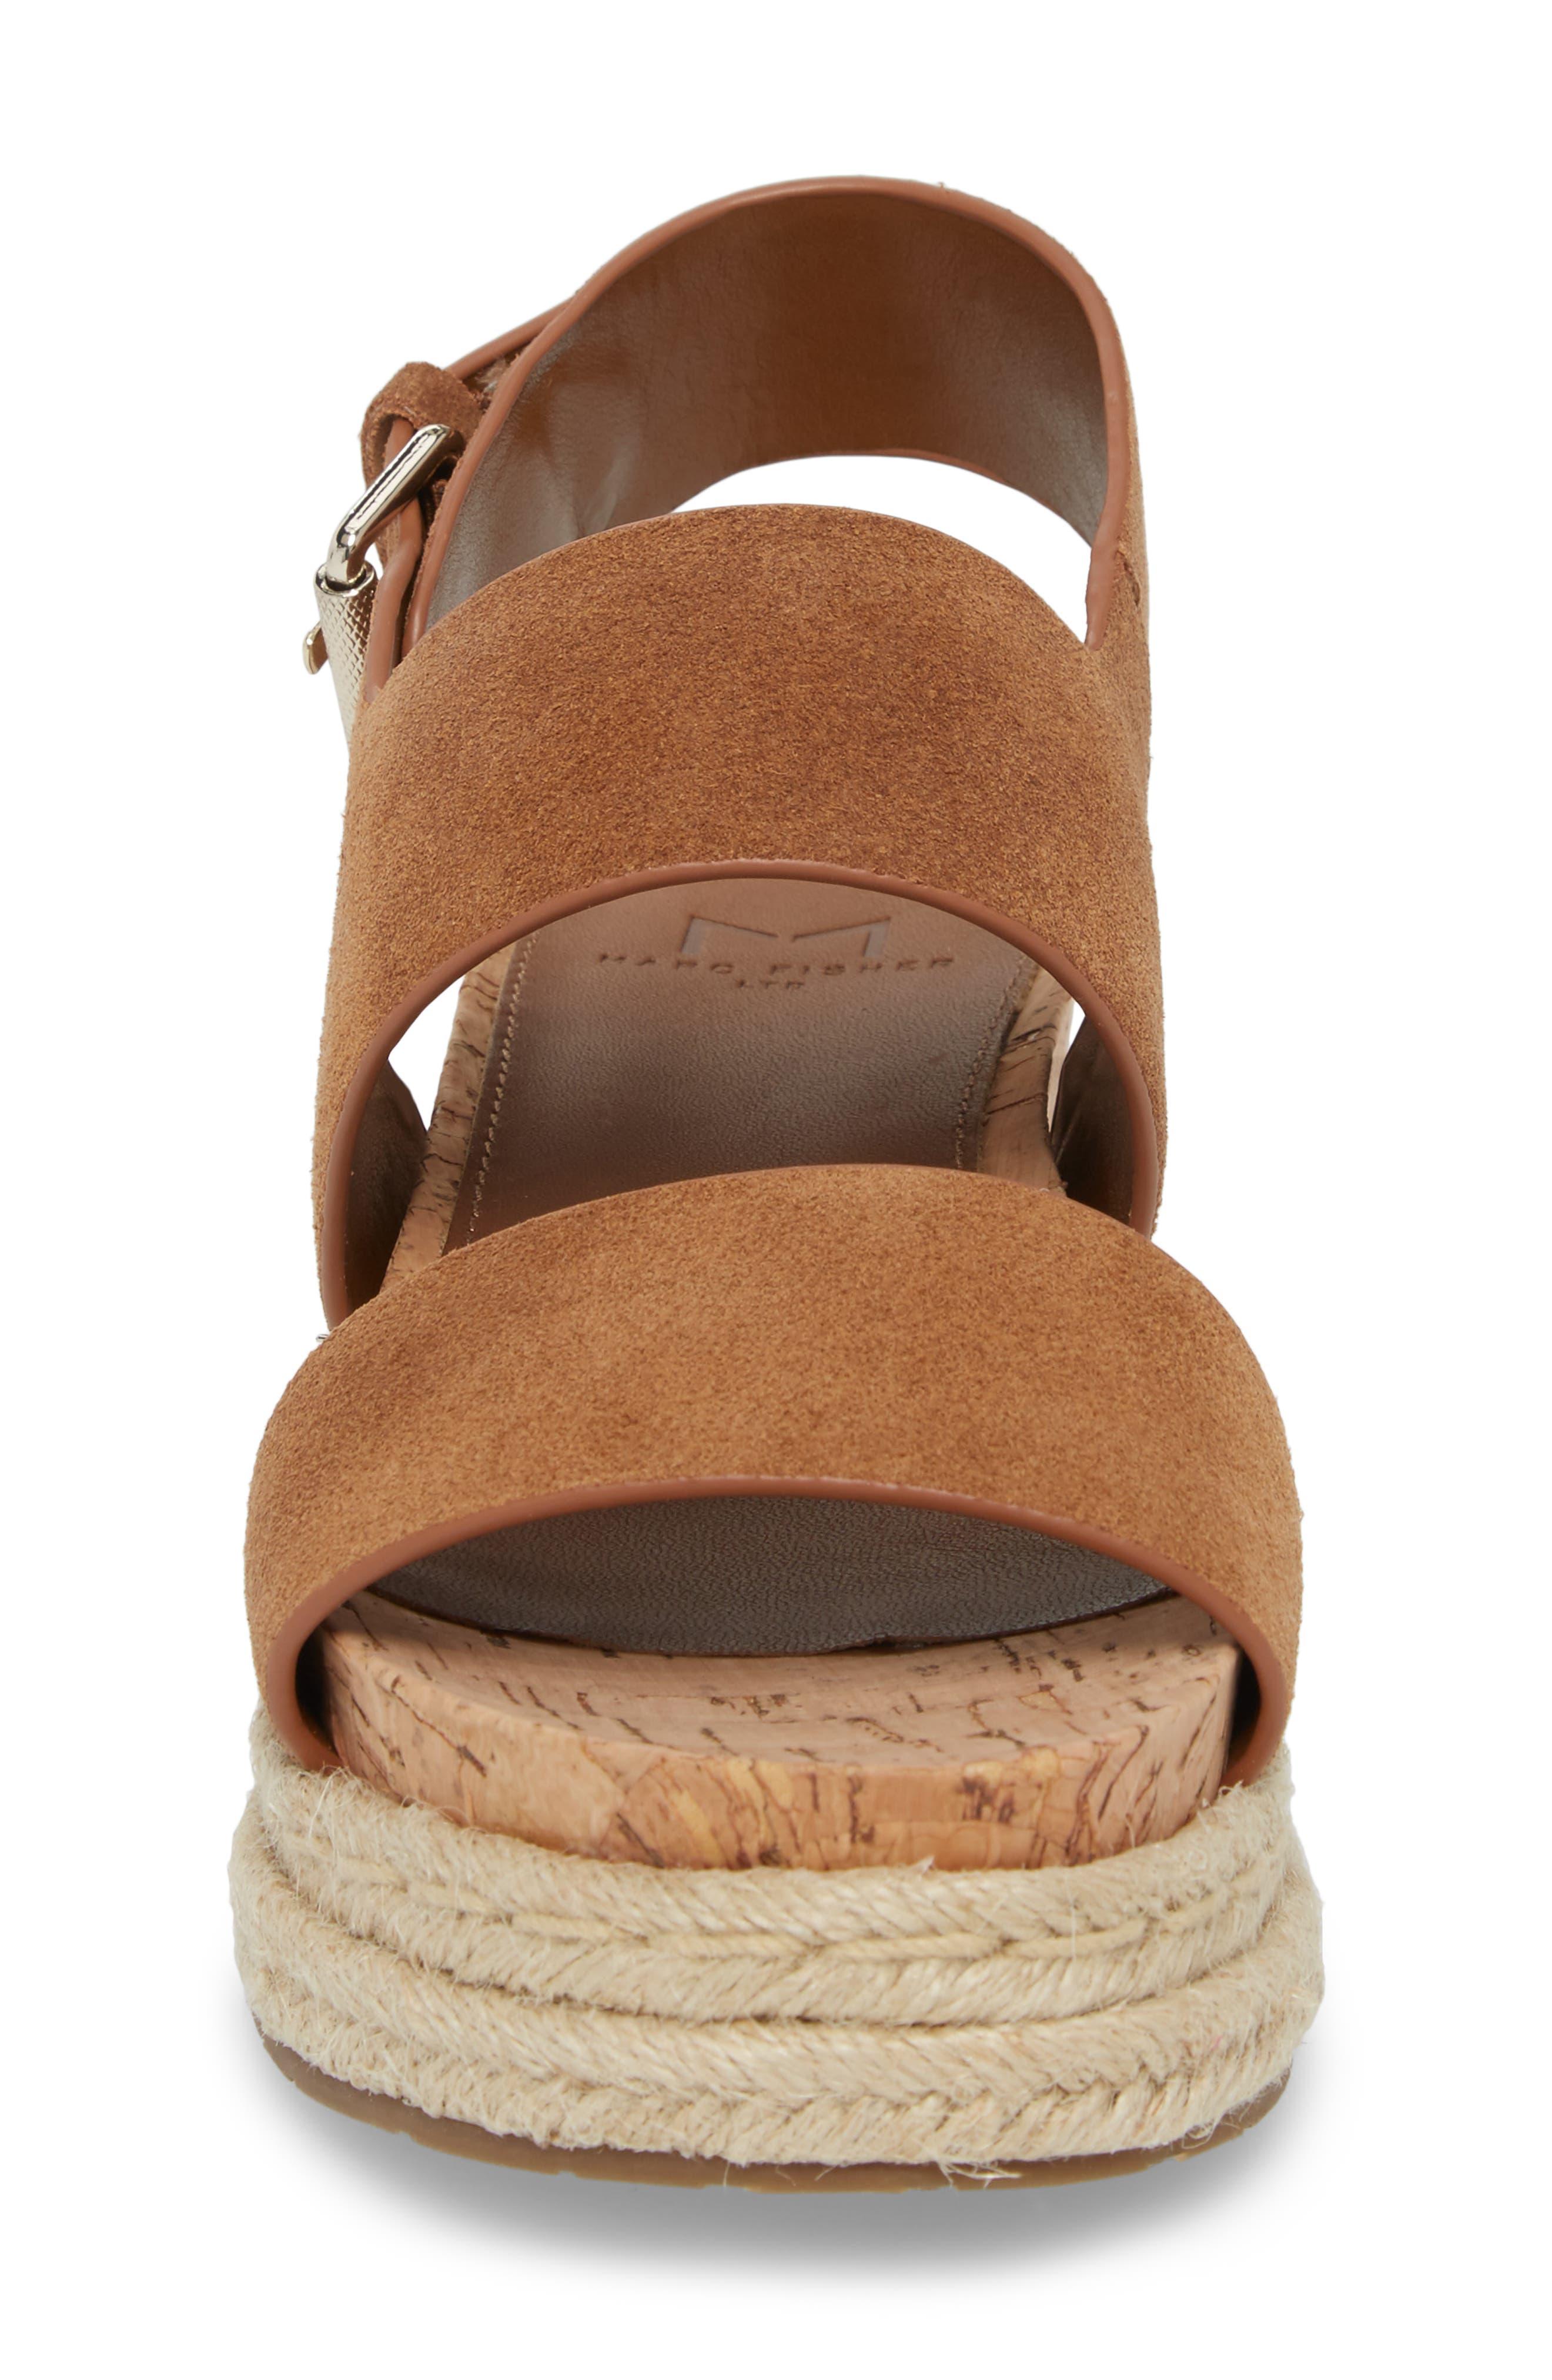 Oria Espadrille Platform Sandal,                             Alternate thumbnail 4, color,                             COGNAC SUEDE